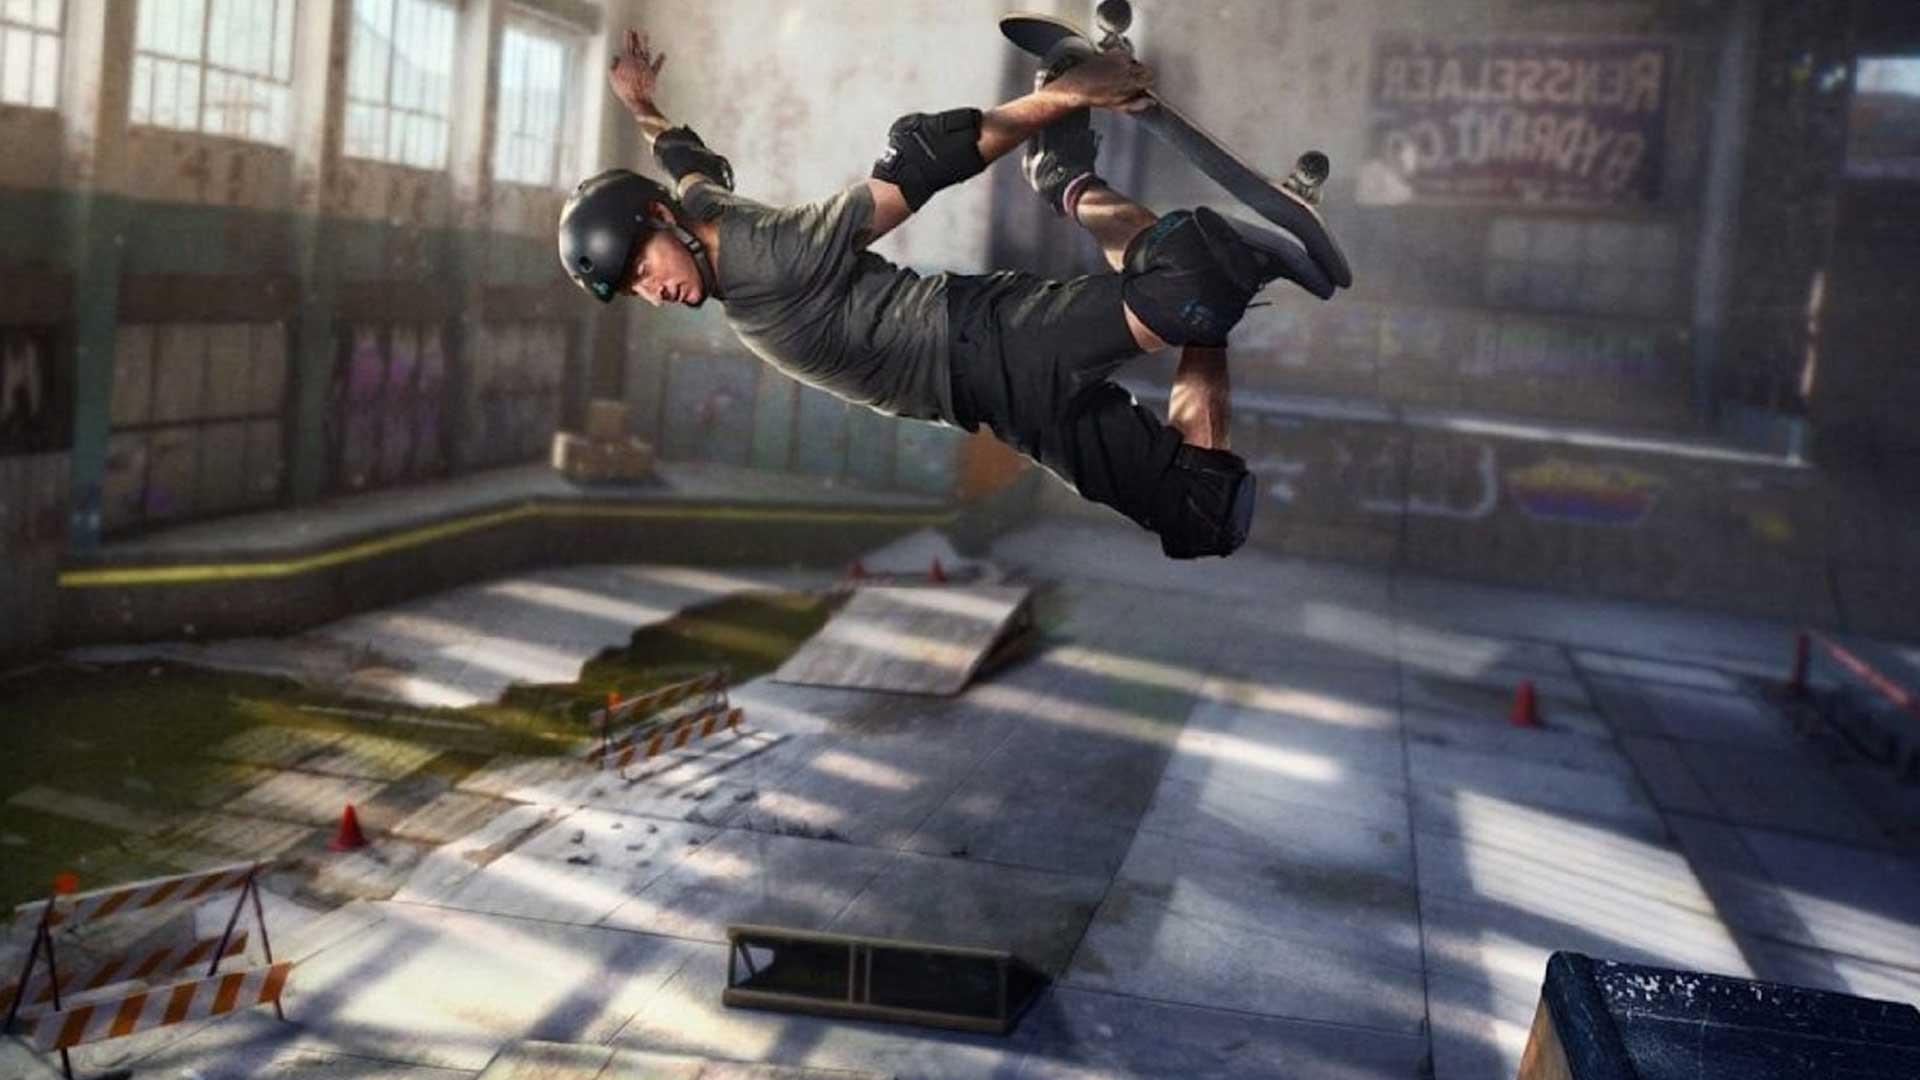 Tony Hawk's Pro Skate - Лучшая спортивная/гоночная игра